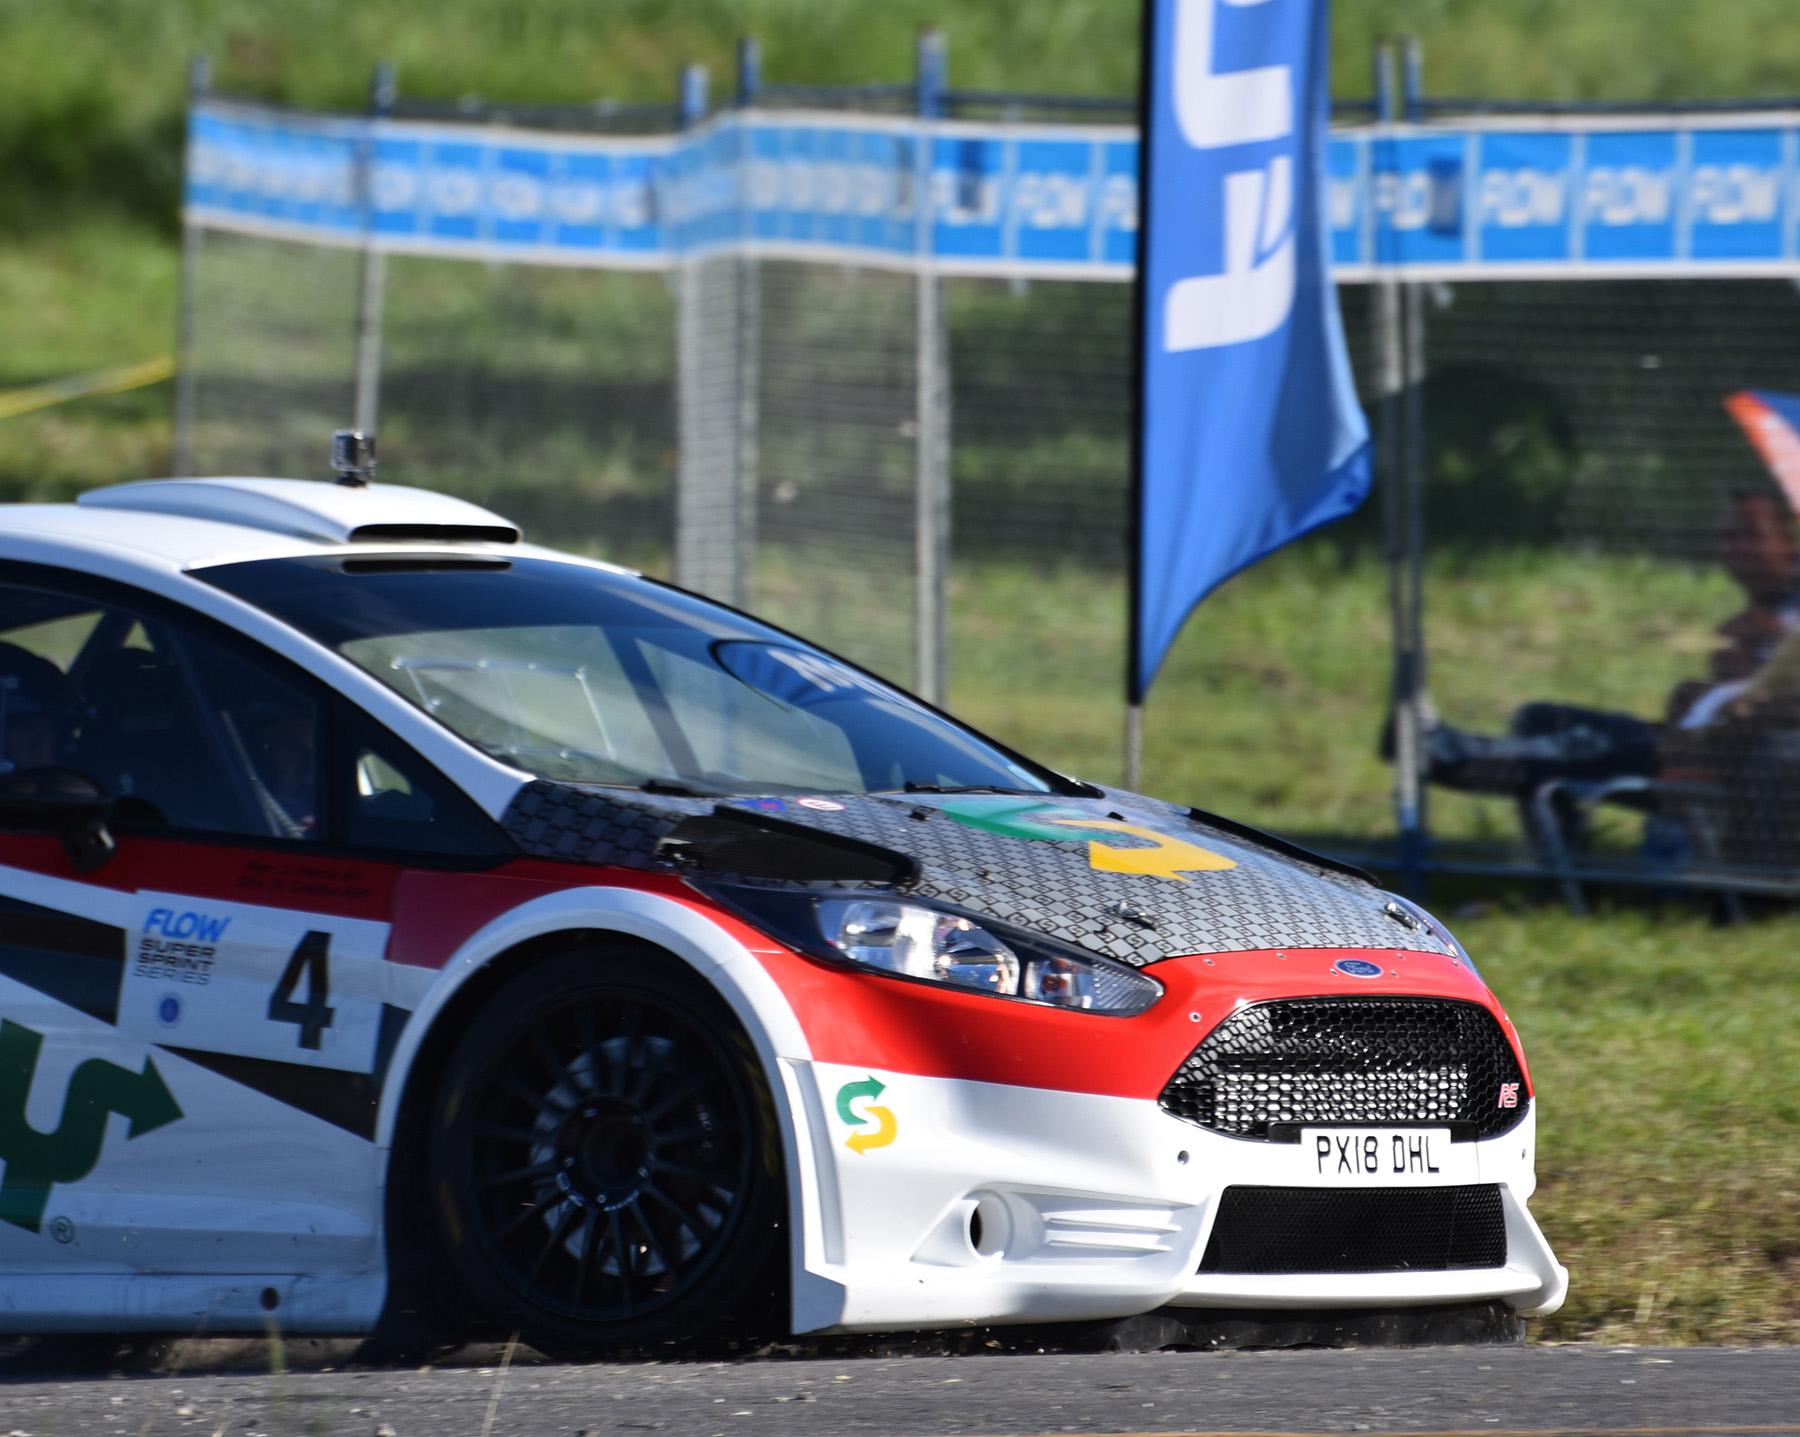 SOL RALLY BARBADOS OVERSEAS ENTRY CLIMBING | Motorsport ...